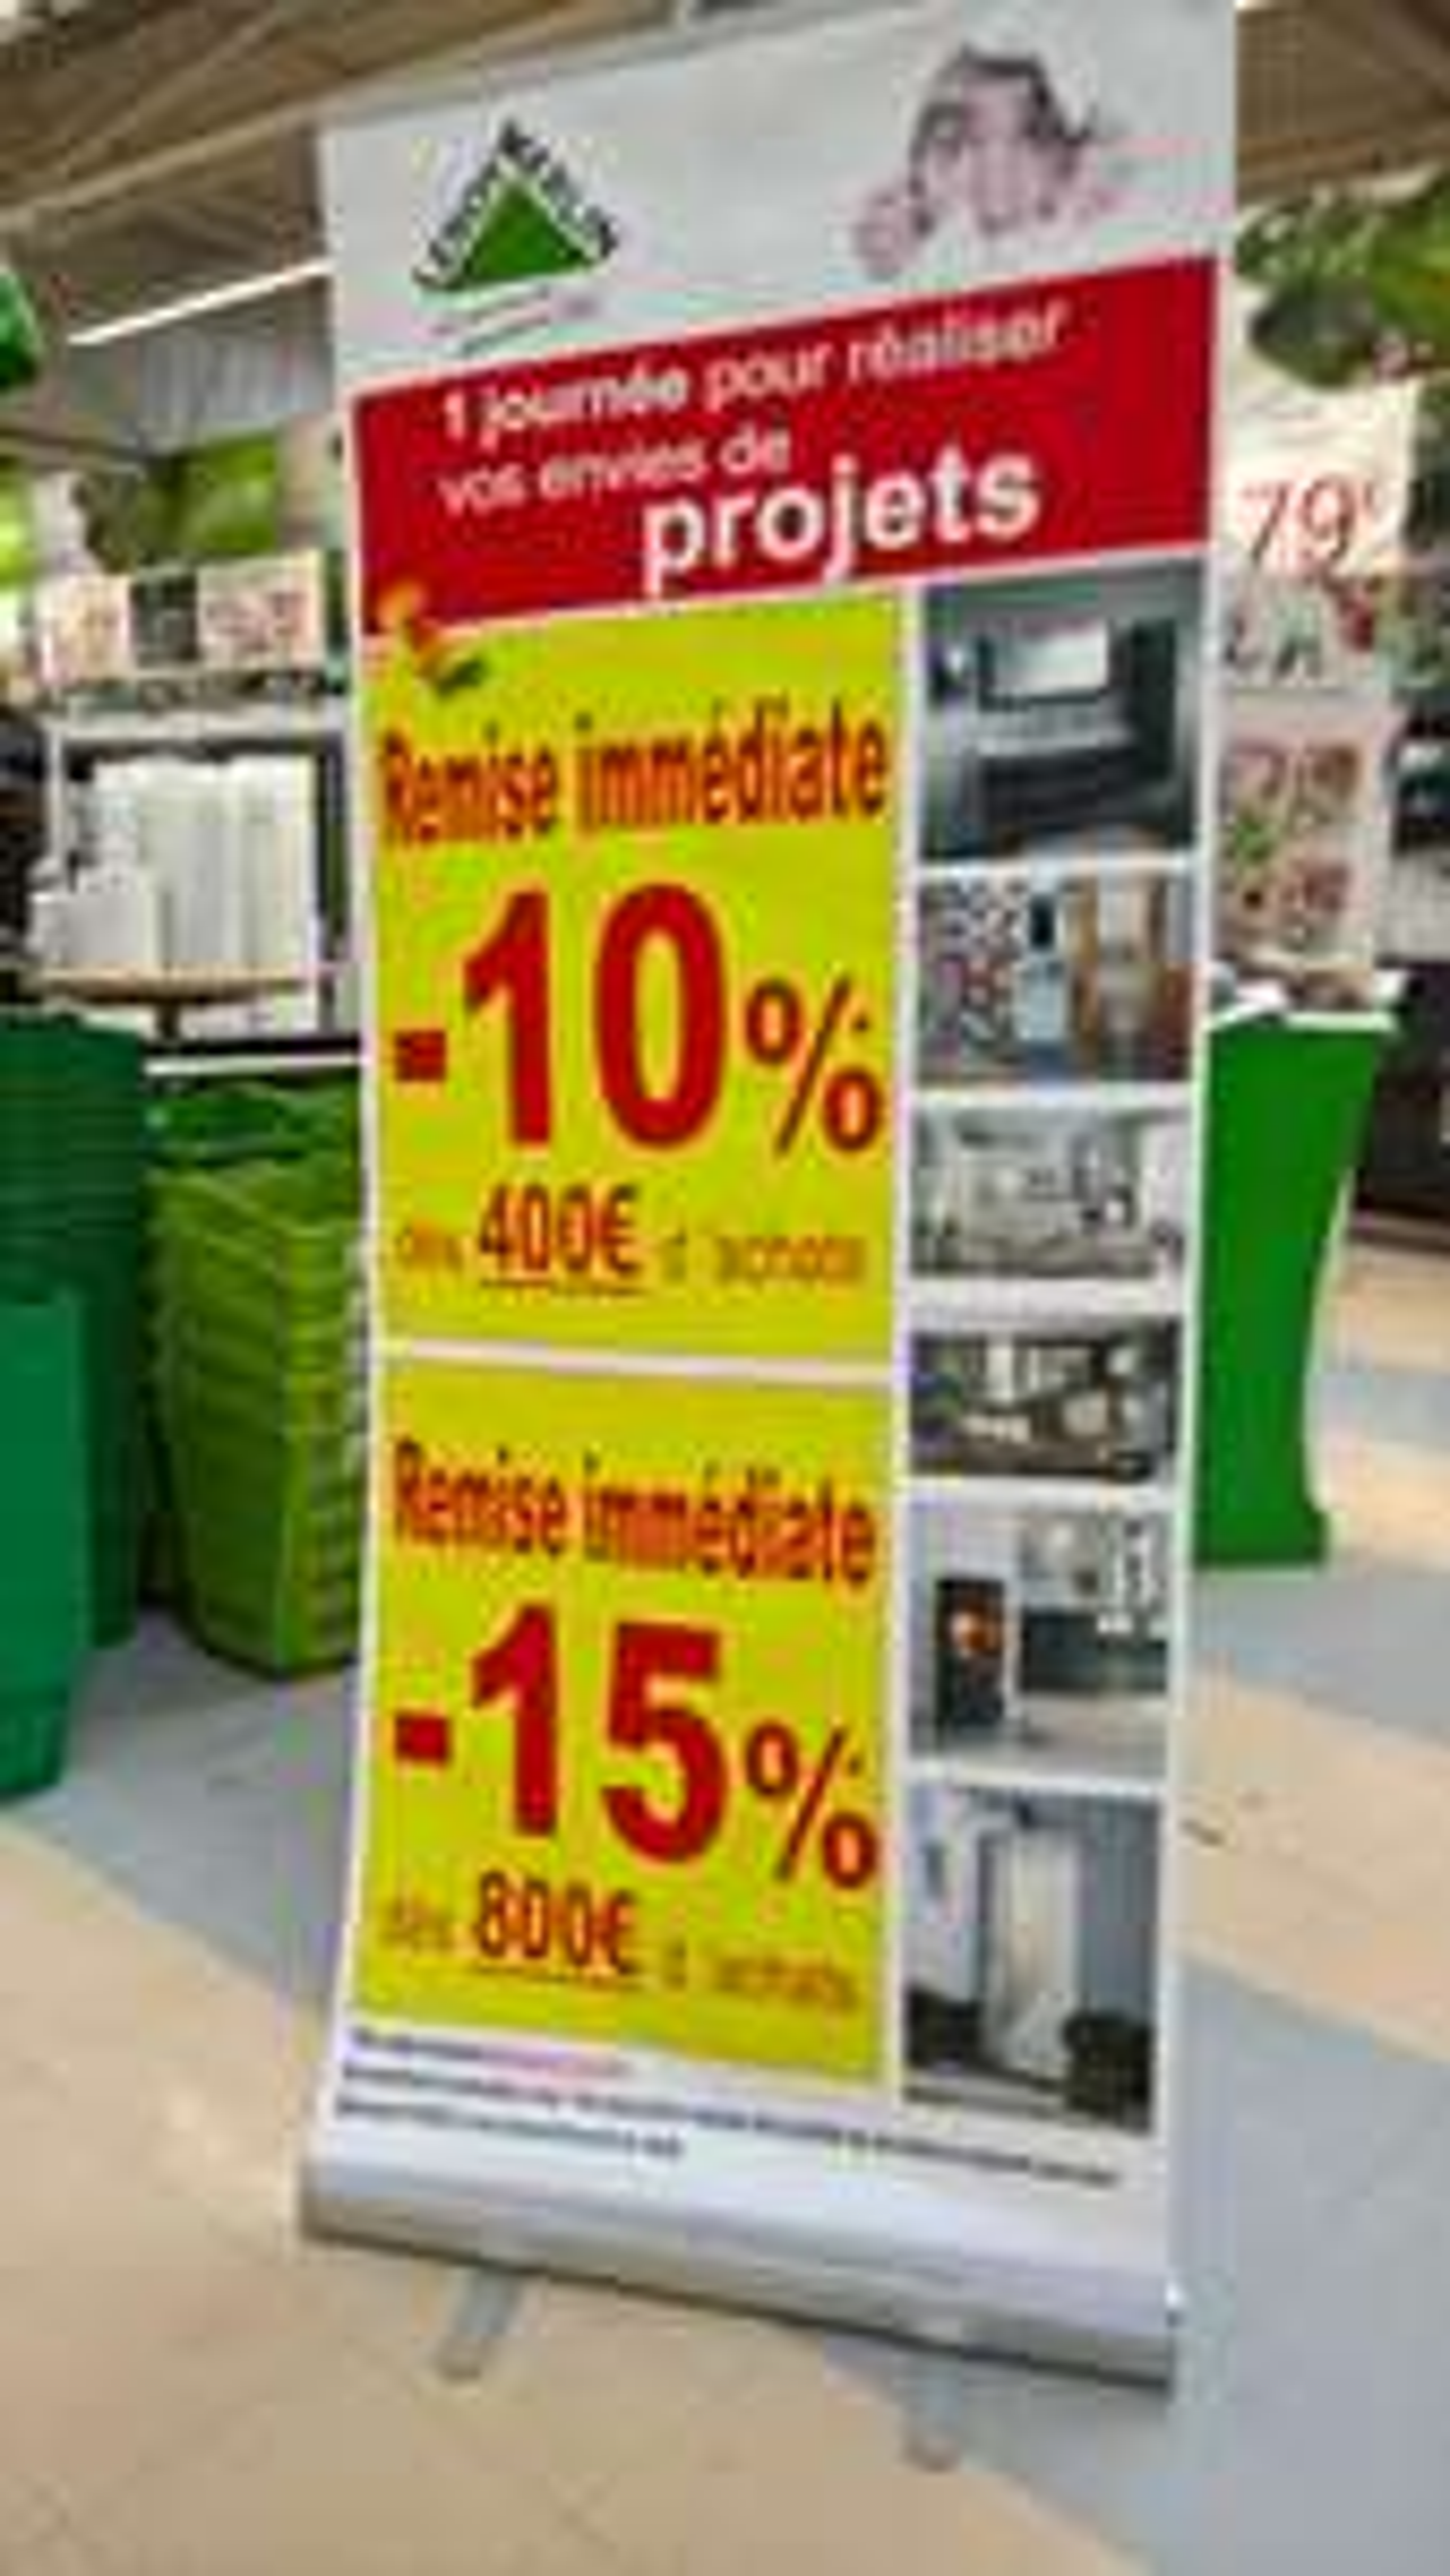 10% dès 400€ ou 15% dès 800€